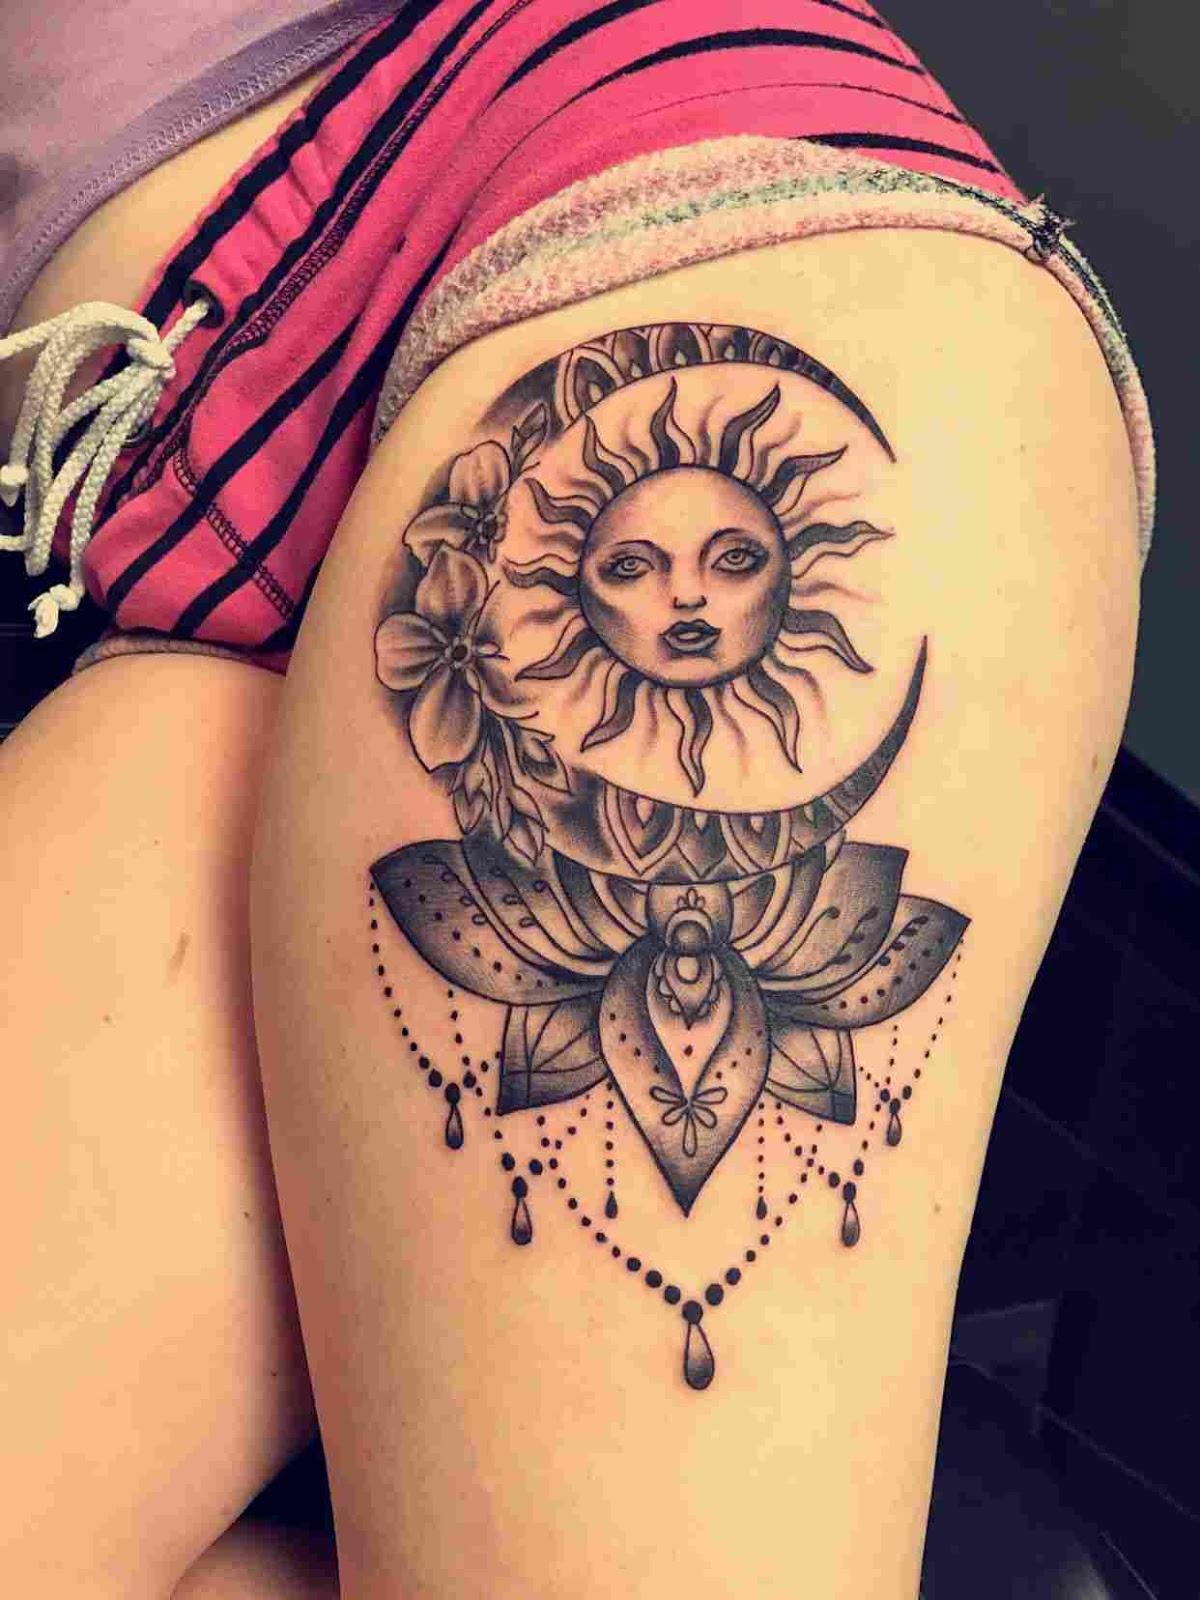 Tatuaje de sol y luna para mujer en la cadera